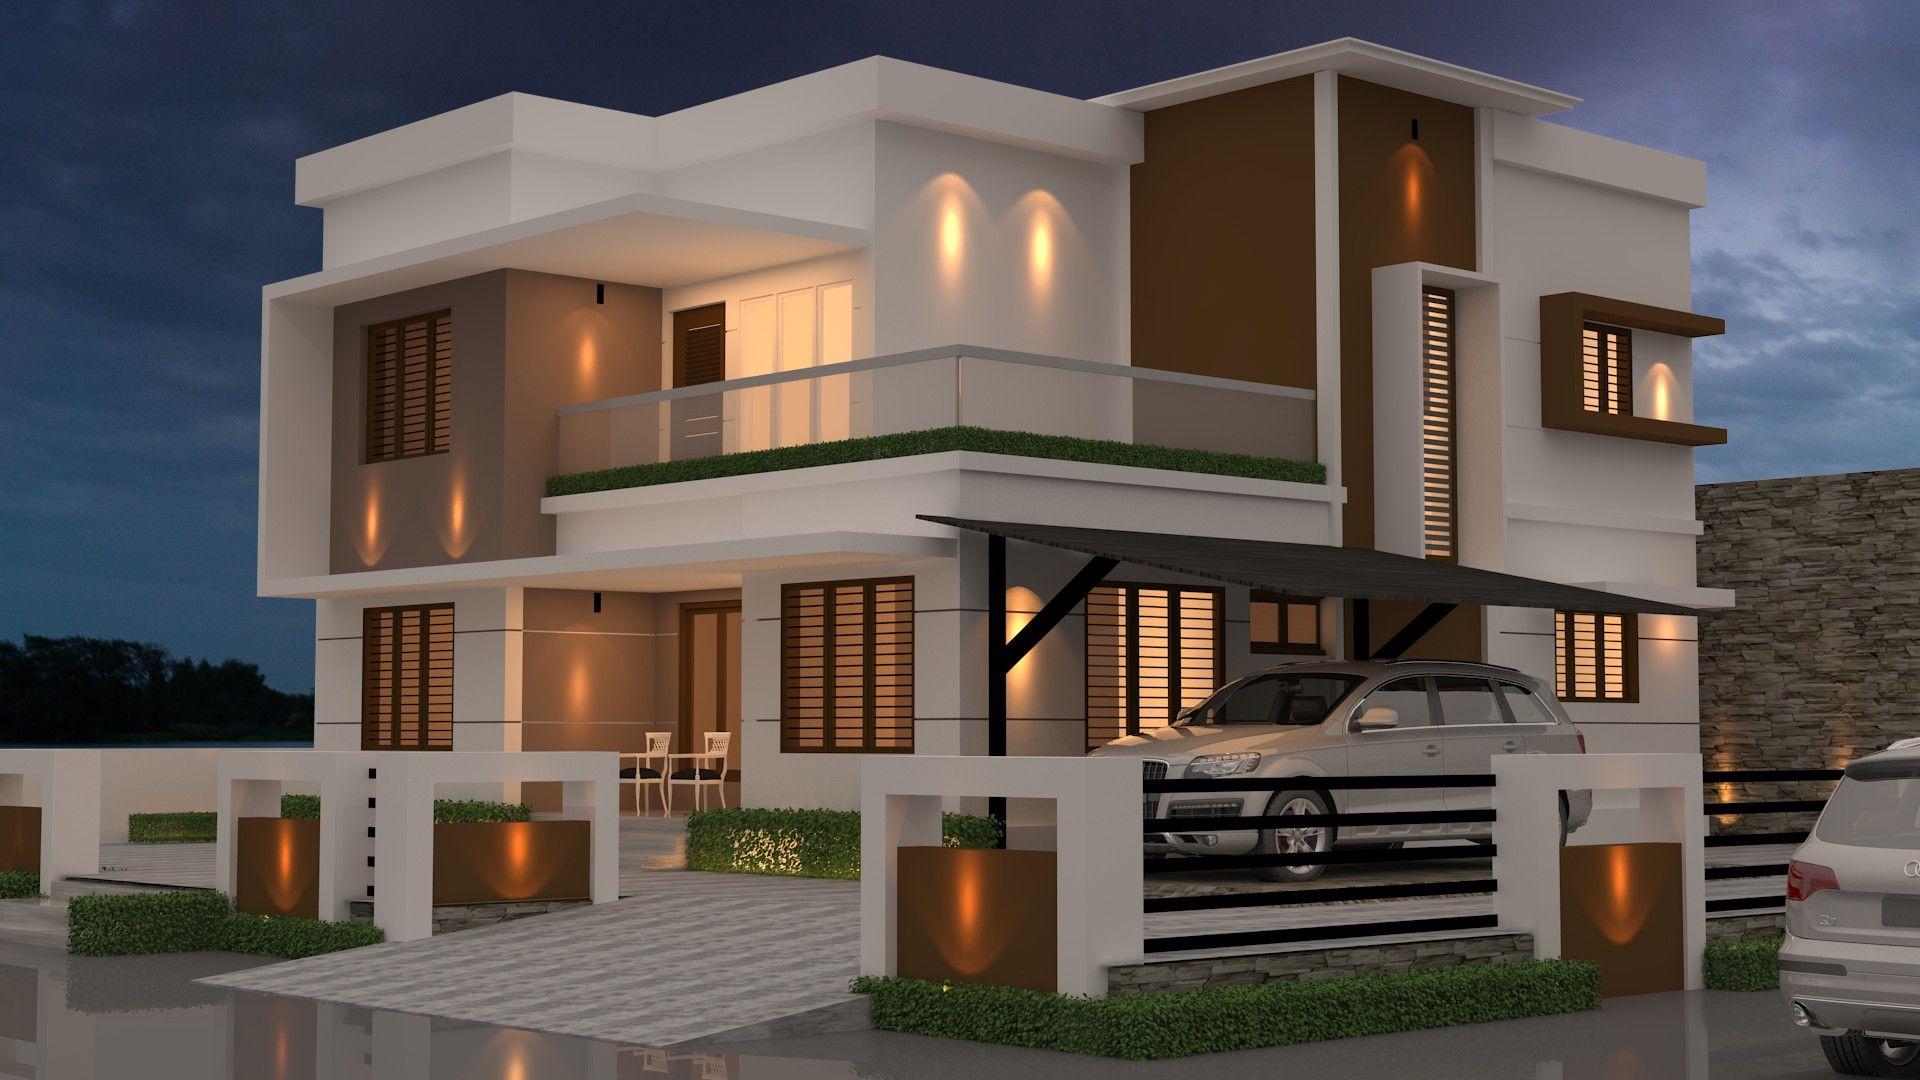 Contemporary Home Modern Exterior House Designs Bungalow House Design Best Modern House Design